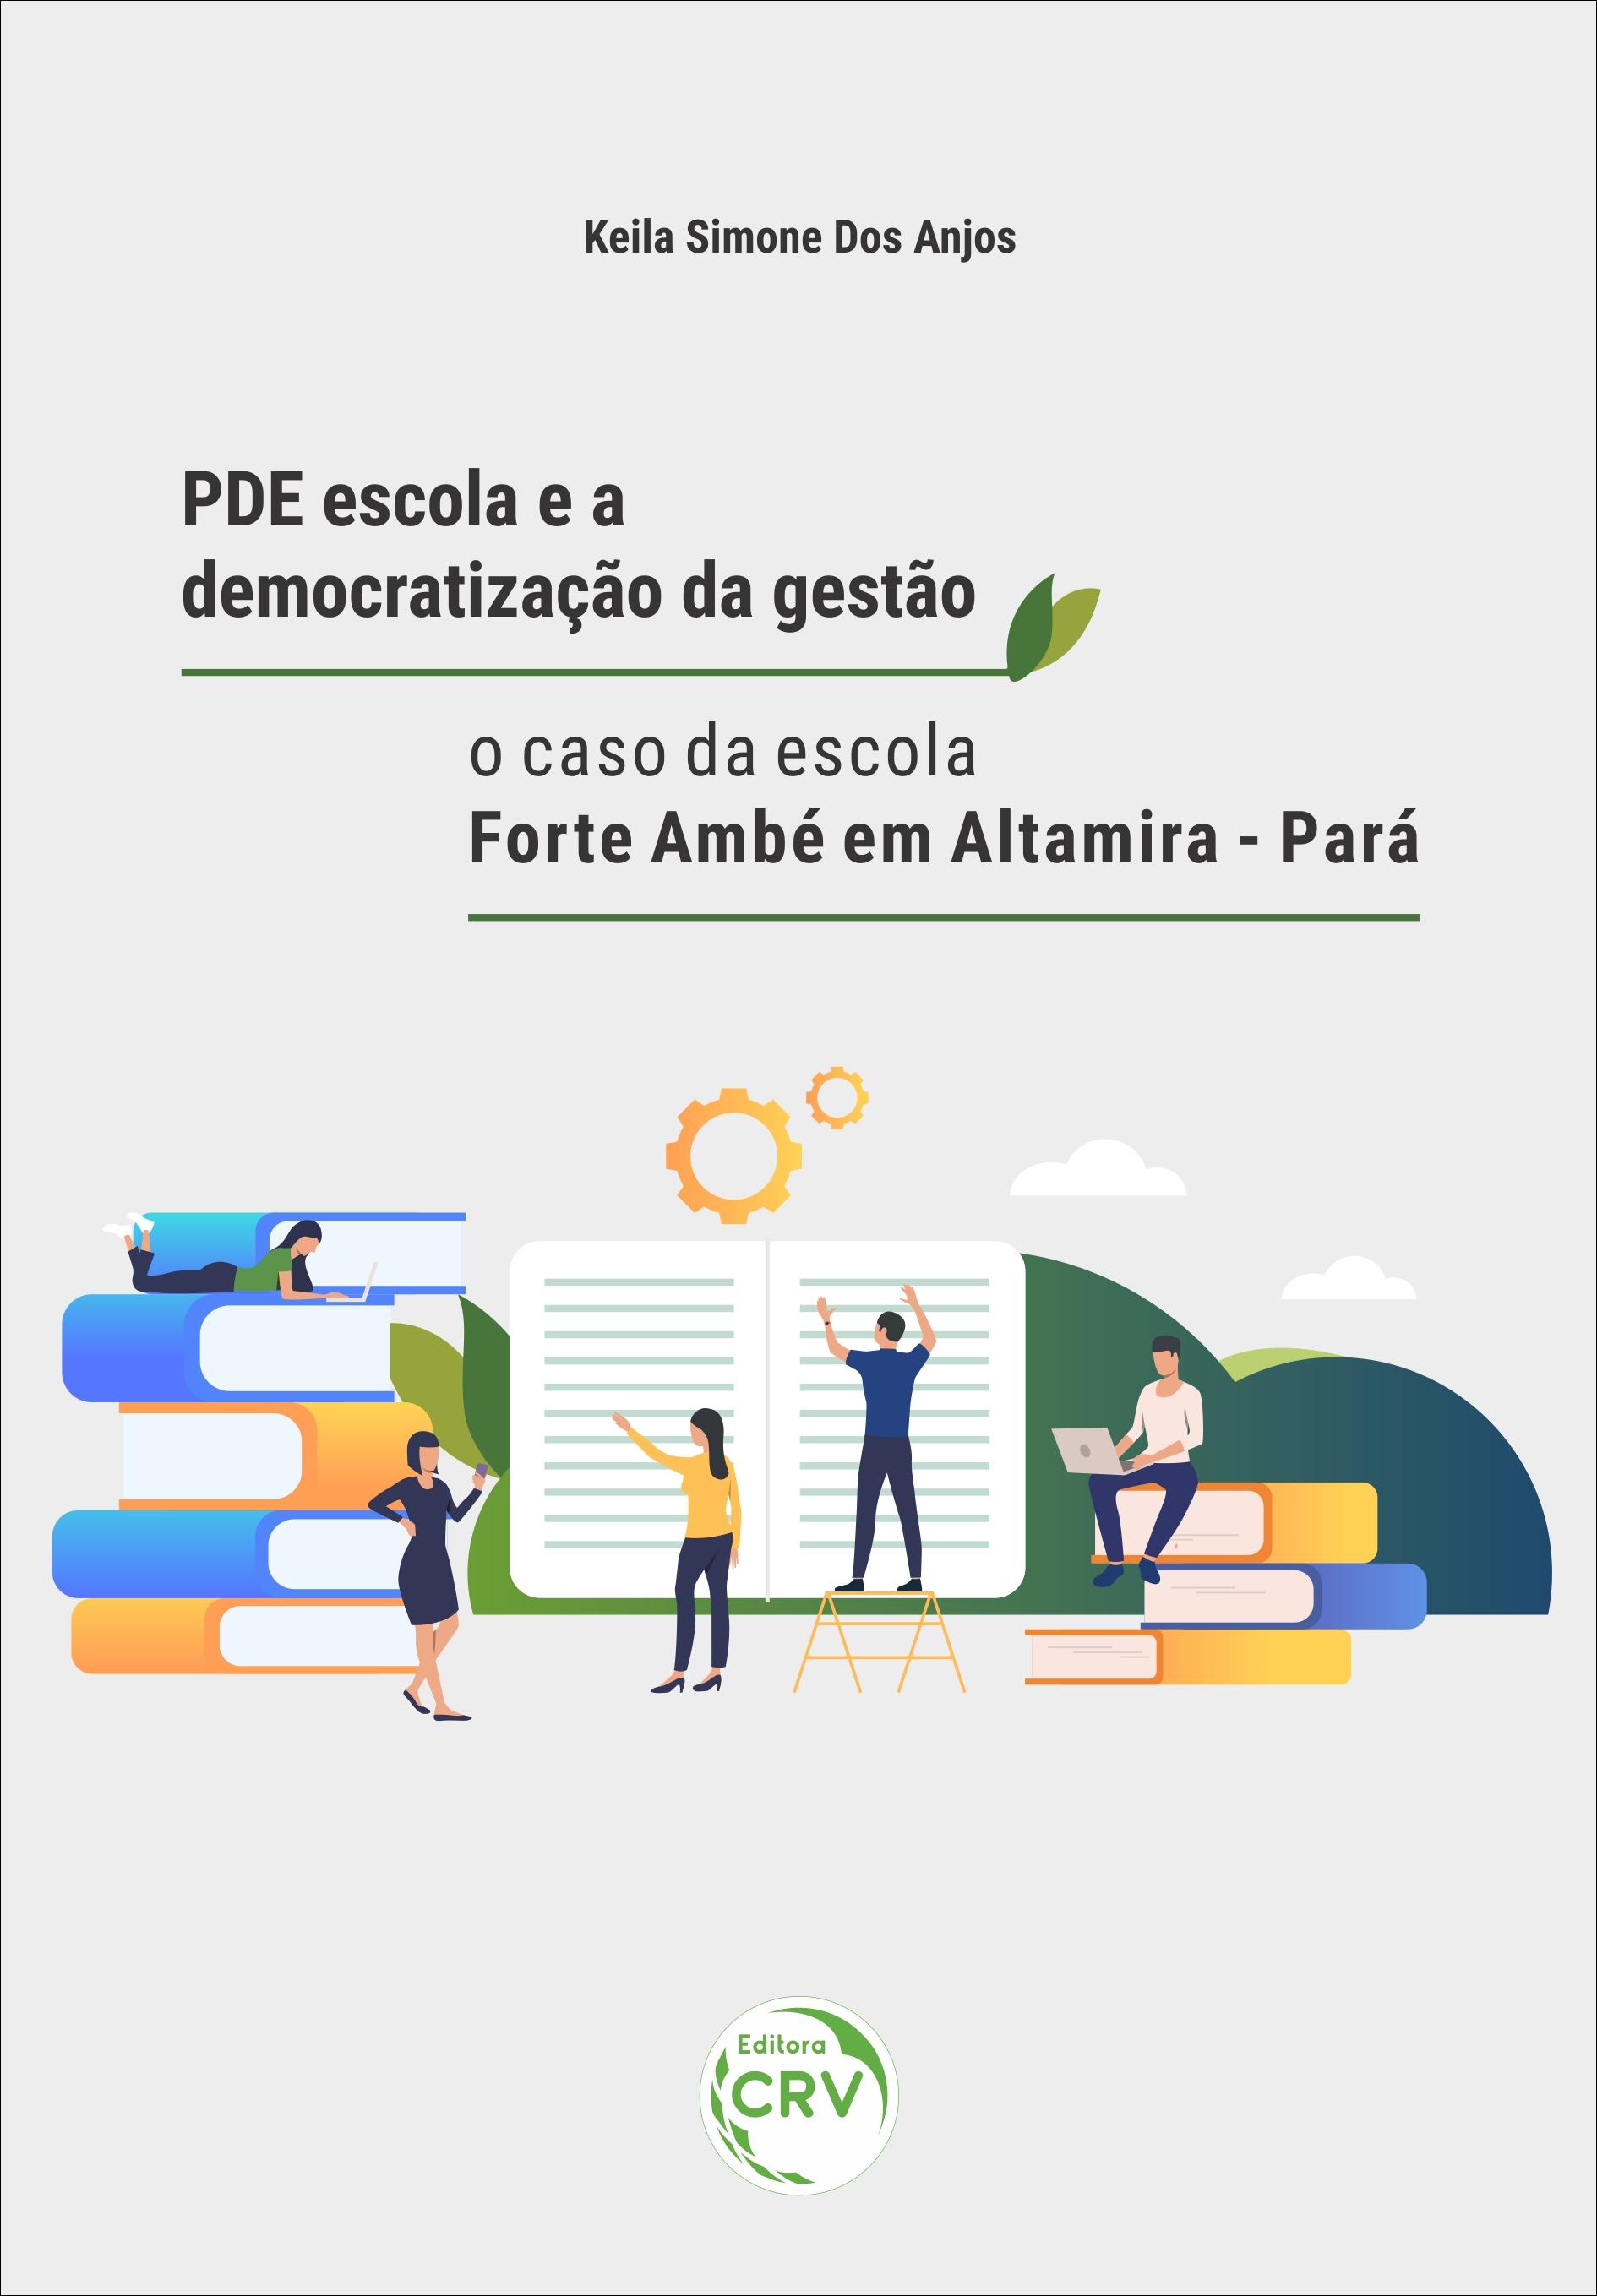 Capa do livro: PDE ESCOLA E A DEMOCRATIZAÇÃO DA GESTÃO: <br>o caso da escola Forte Ambé em Altamira – Pará